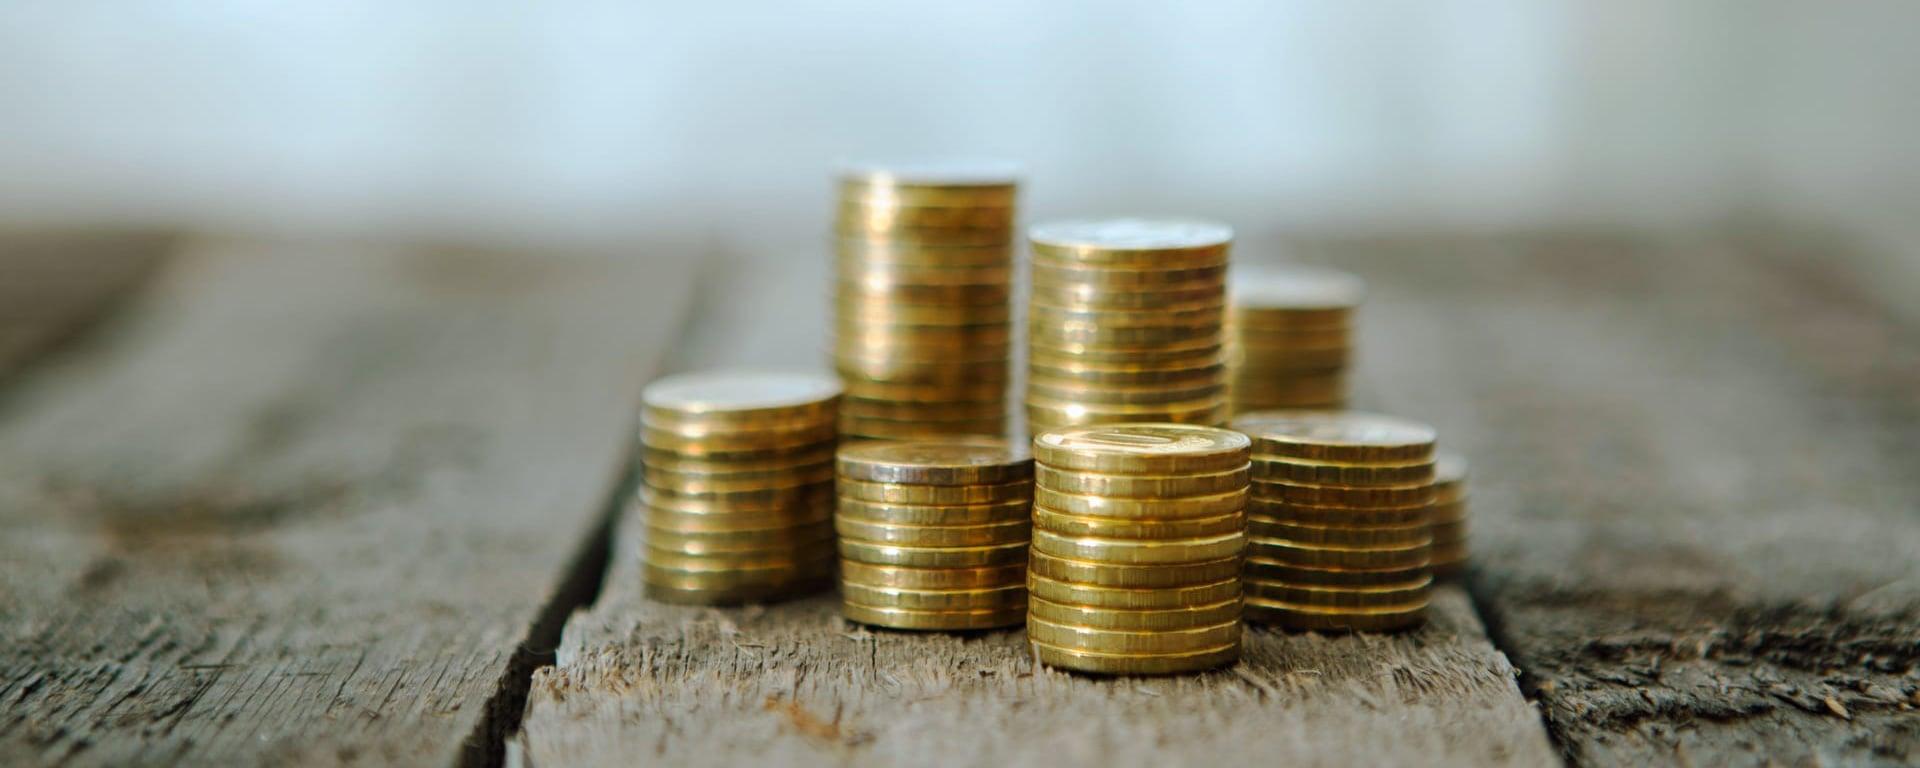 La réglementation fiscale avec les prises de décisions assistées